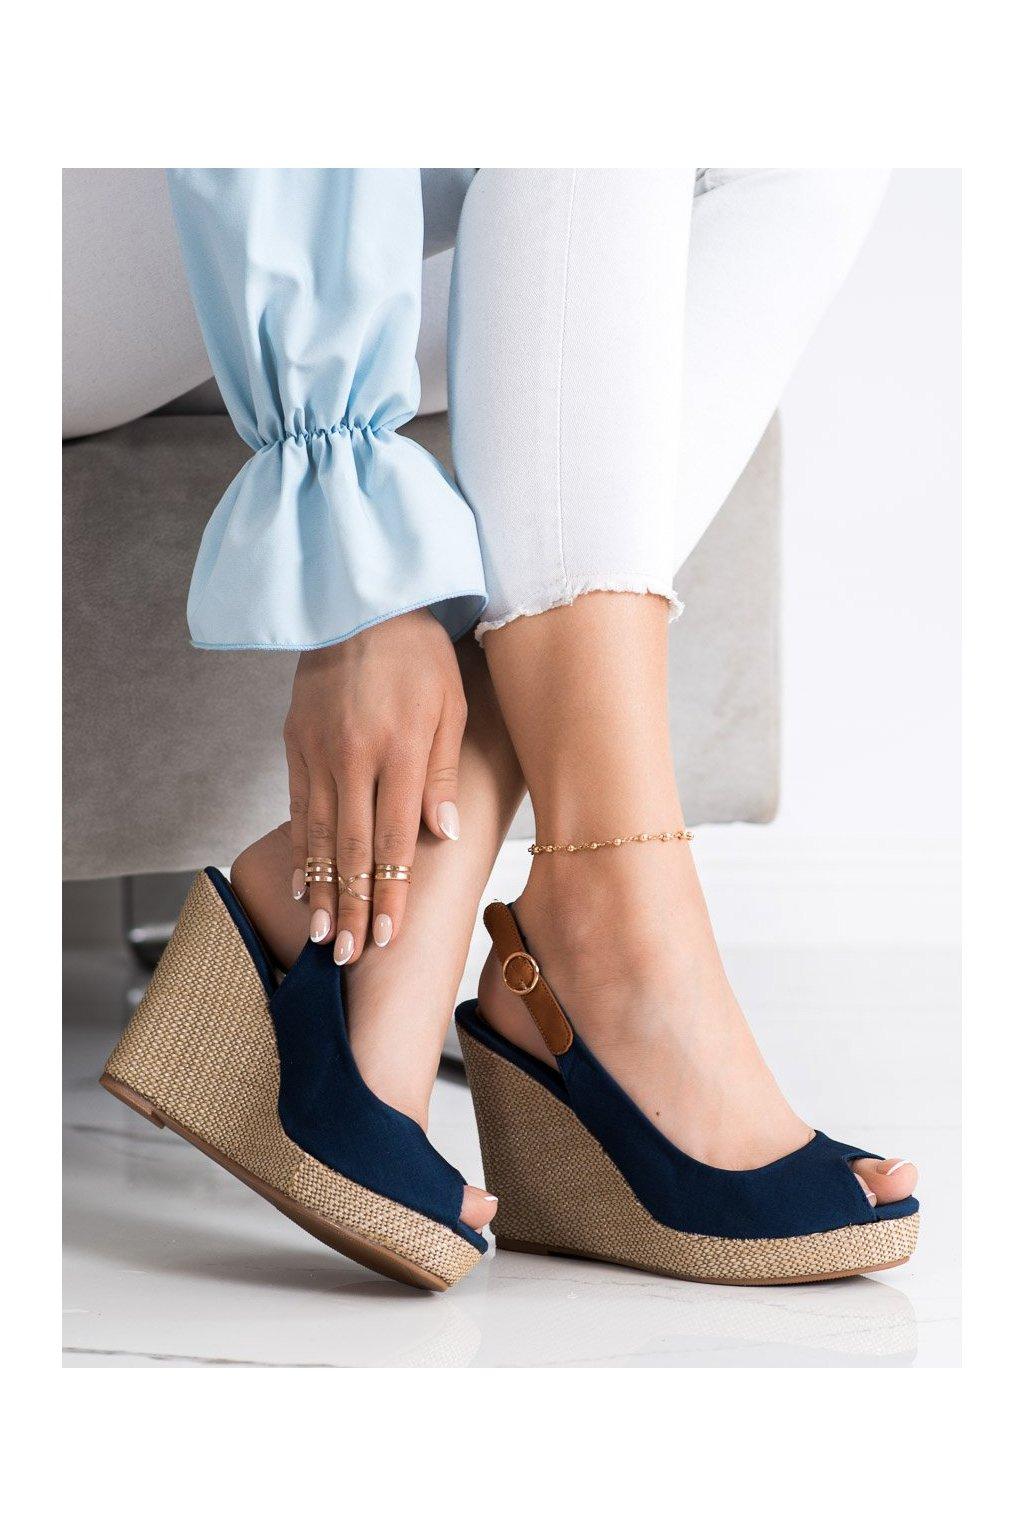 Modré sandále Goodin kod GD-NF-05DK.BL